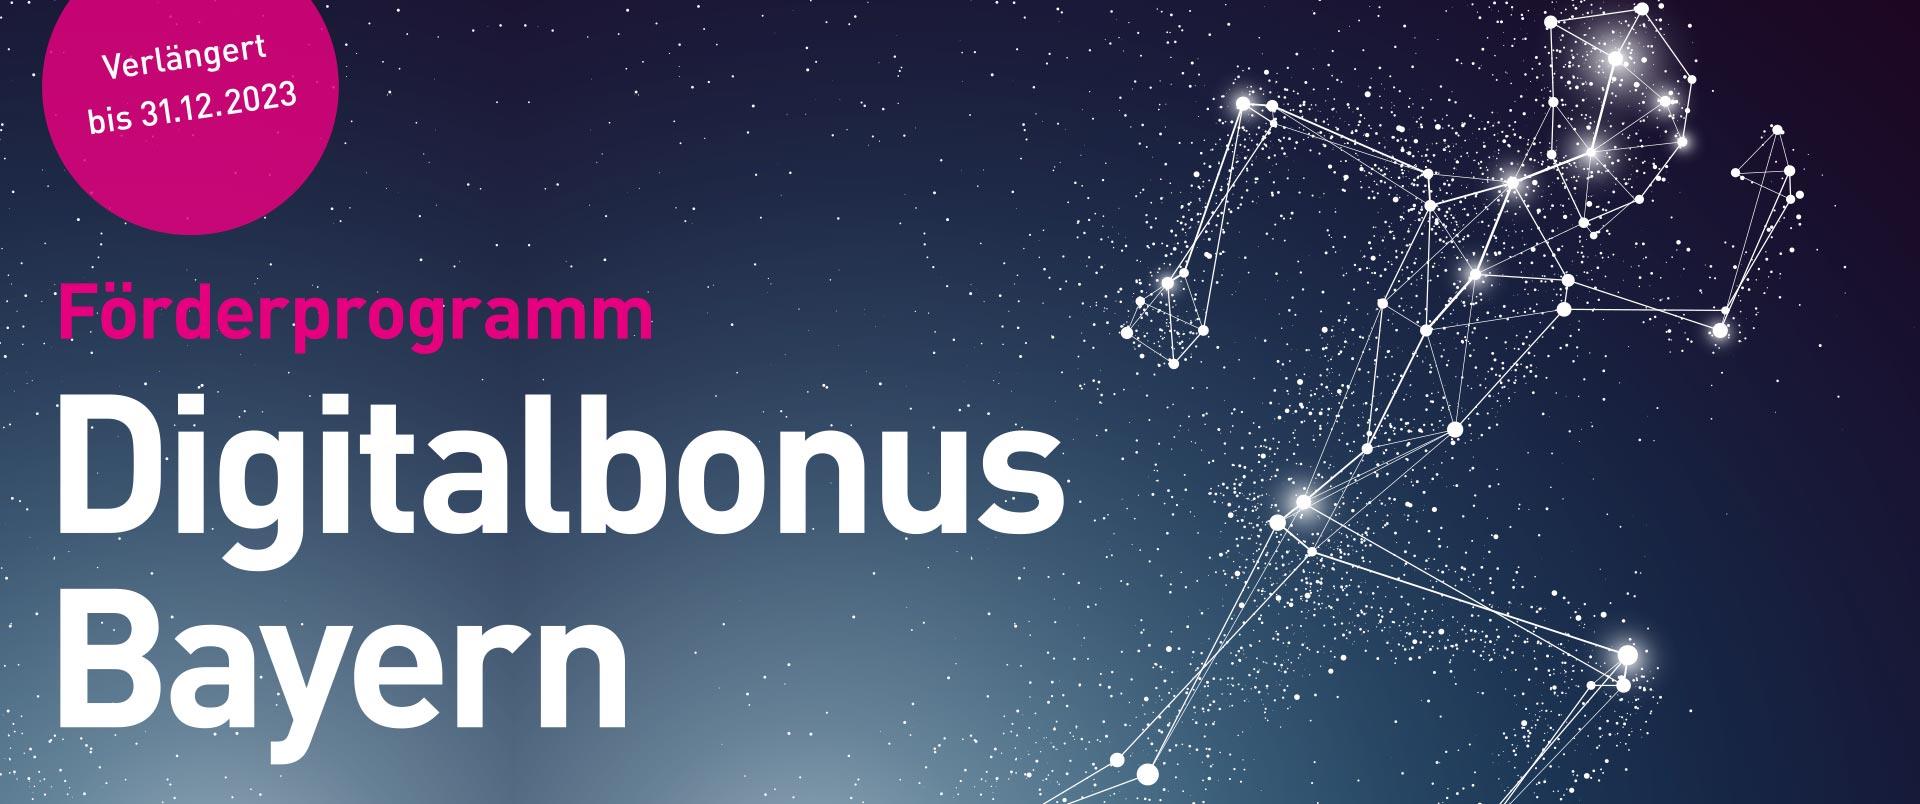 Digitalbonus Bayern